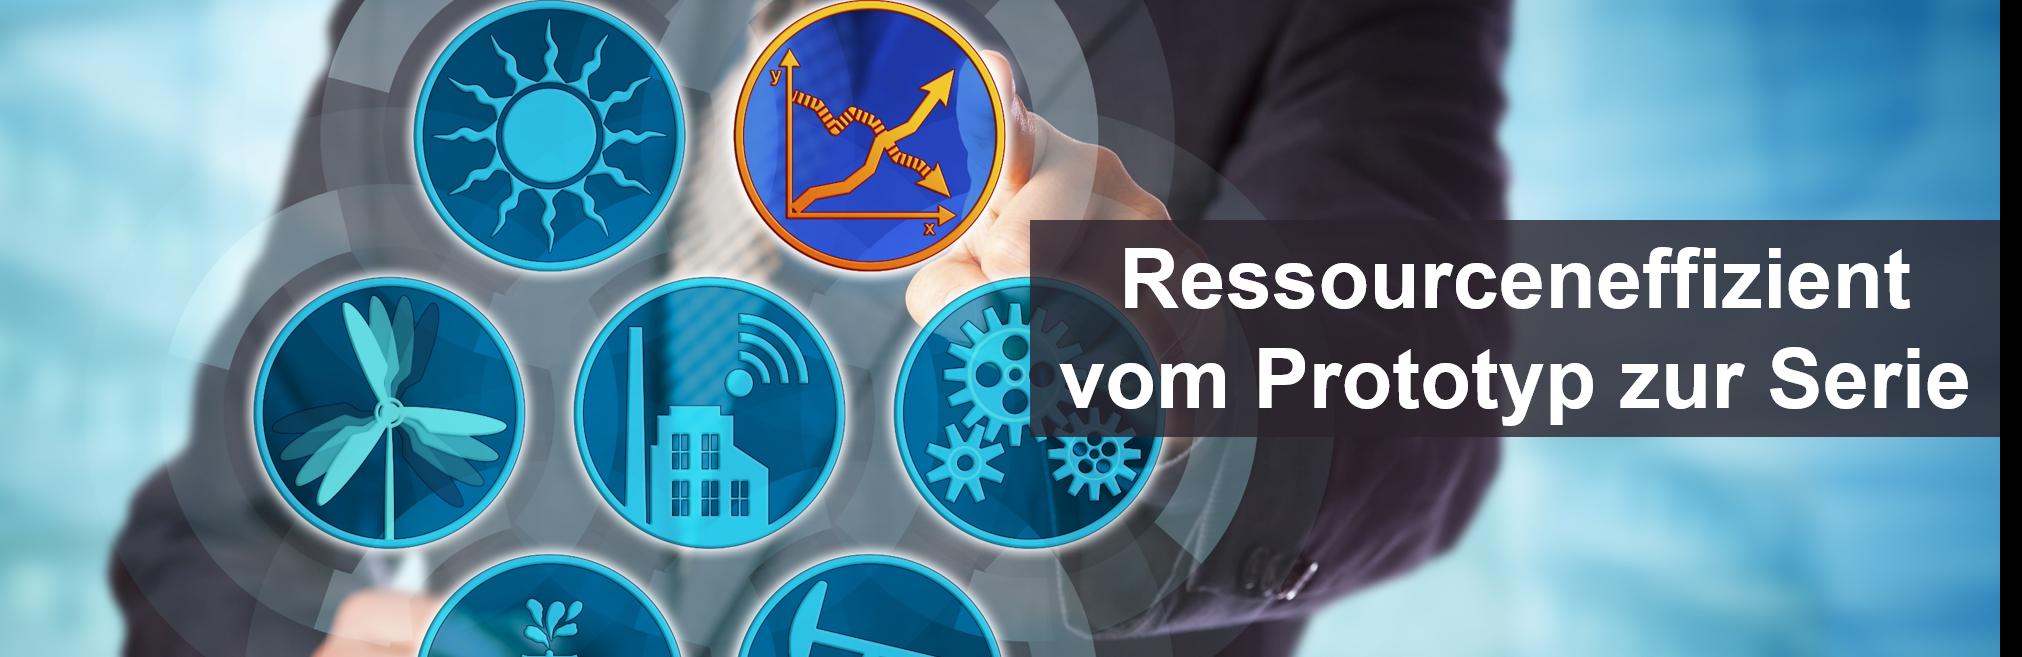 Gratis-Webinar Ressourceneffizient vom Prototyp zur Serie